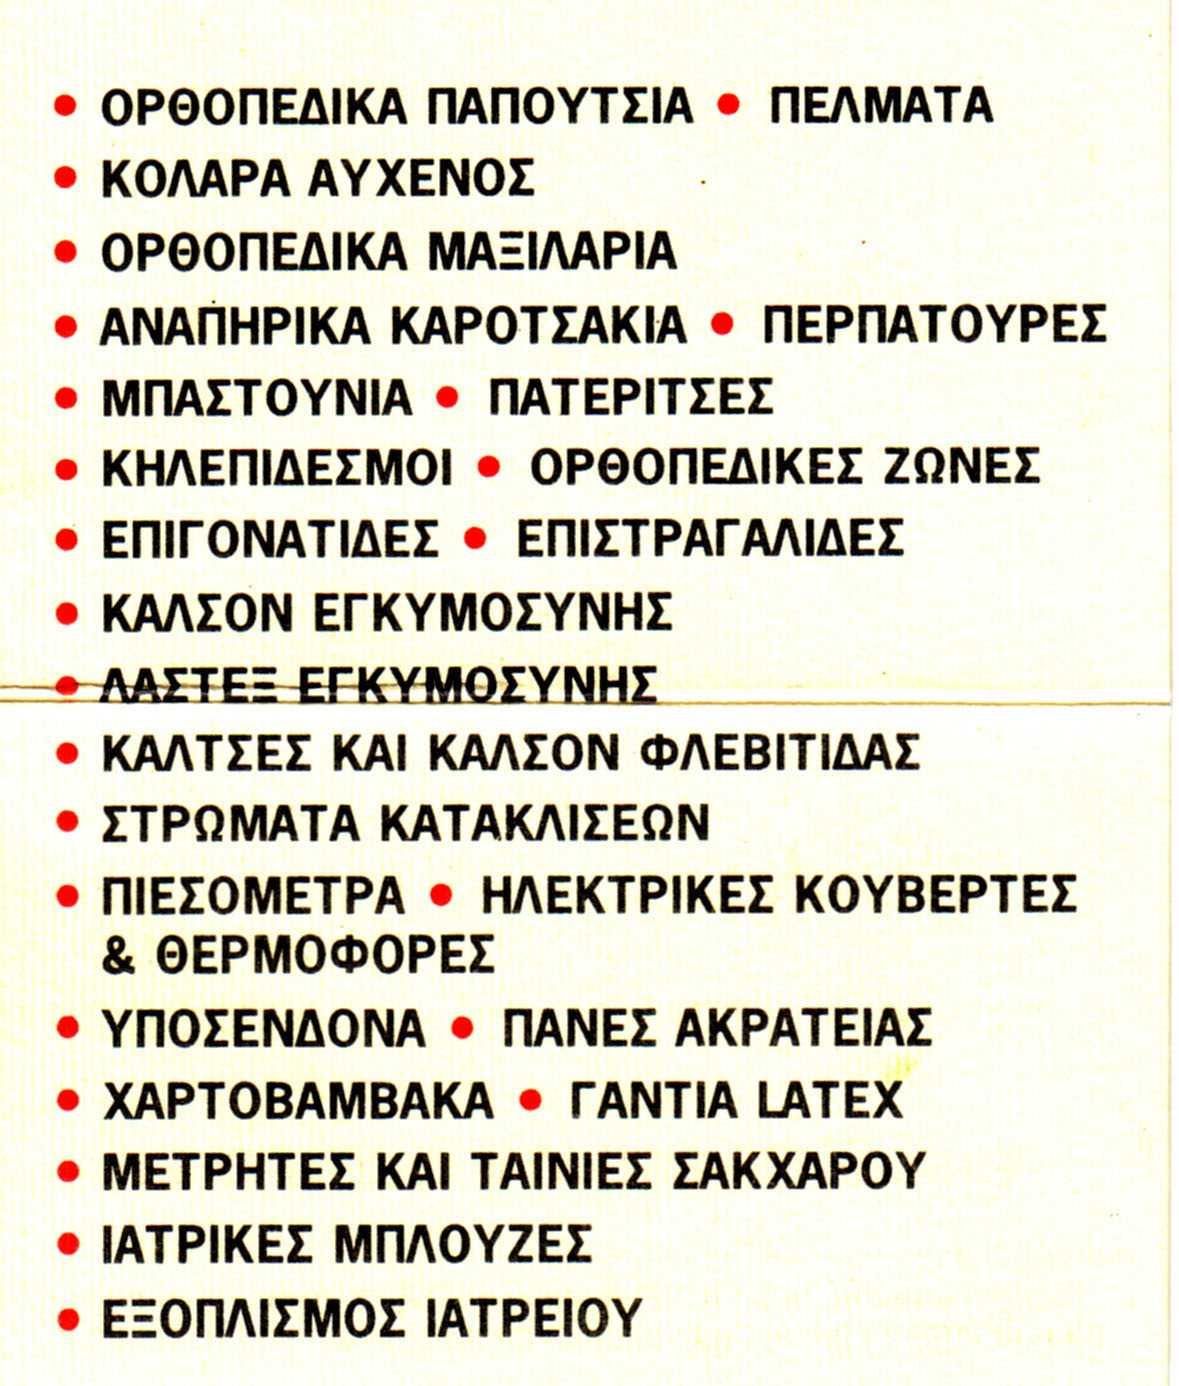 Ορθοπεδικά Είδη, Κέρκυρα, Σαγιαδινού Ειρήνη